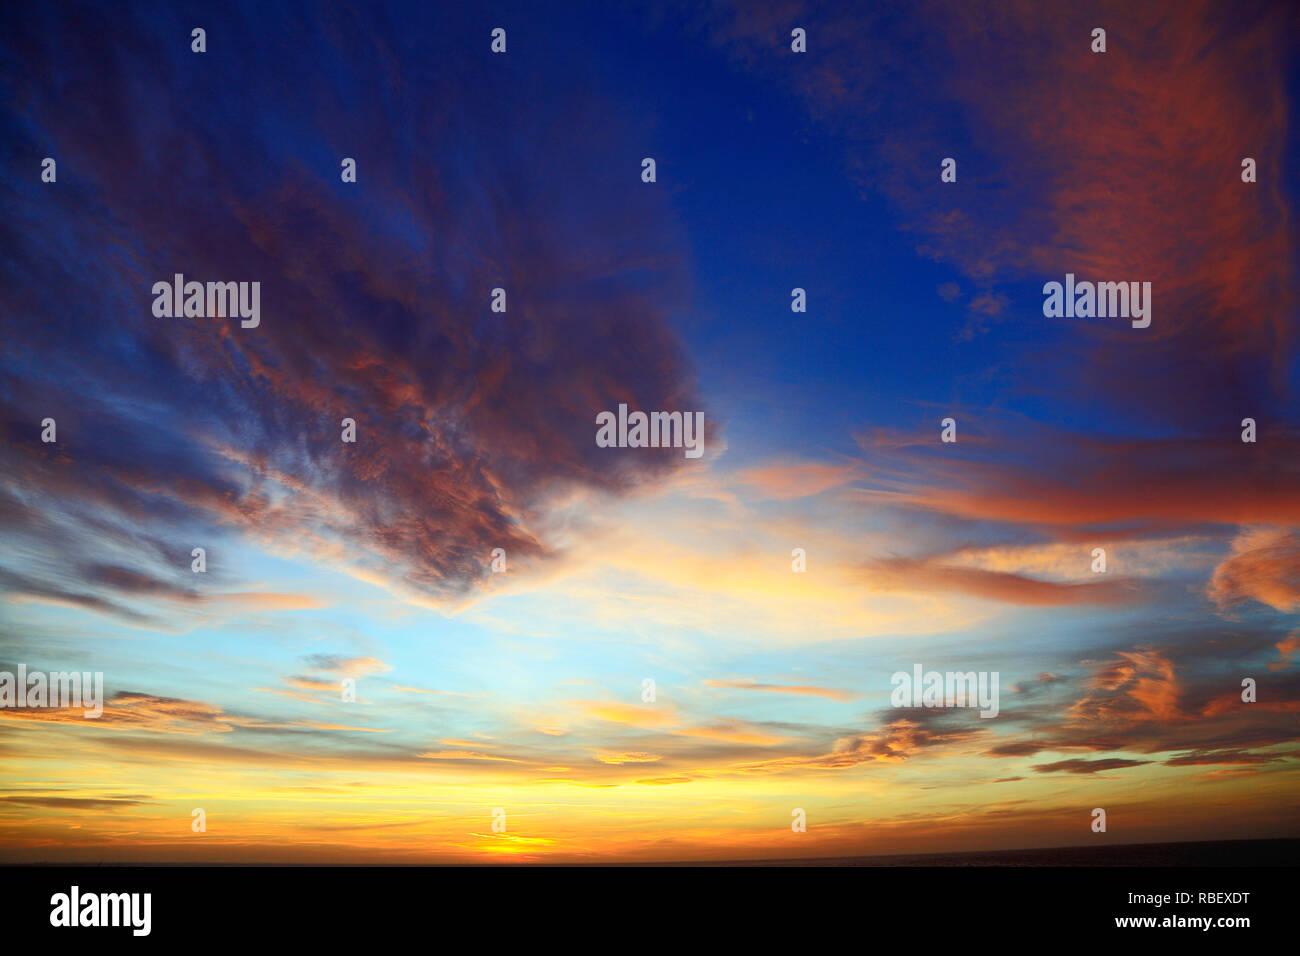 Rose, jaune, bleu, noir, nuage, nuages, après le coucher du soleil, le ciel, le ciel, coloré, formation, formations Photo Stock